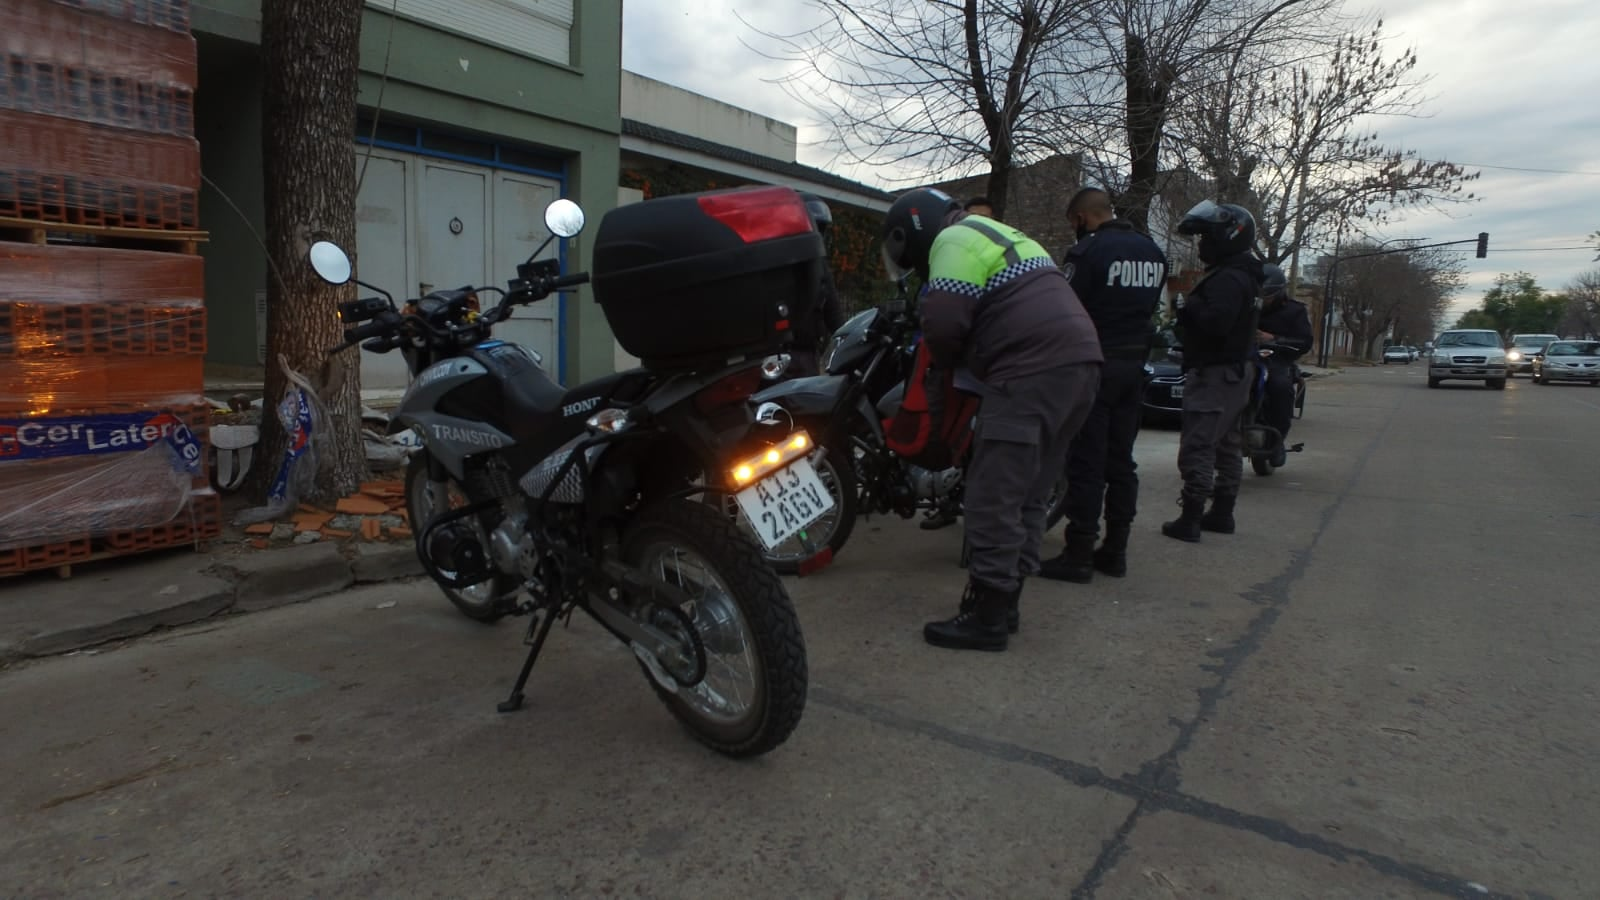 [Tránsito] Secuestro de 15 motocicletas por faltas y 2 vehículos por alcoholemia